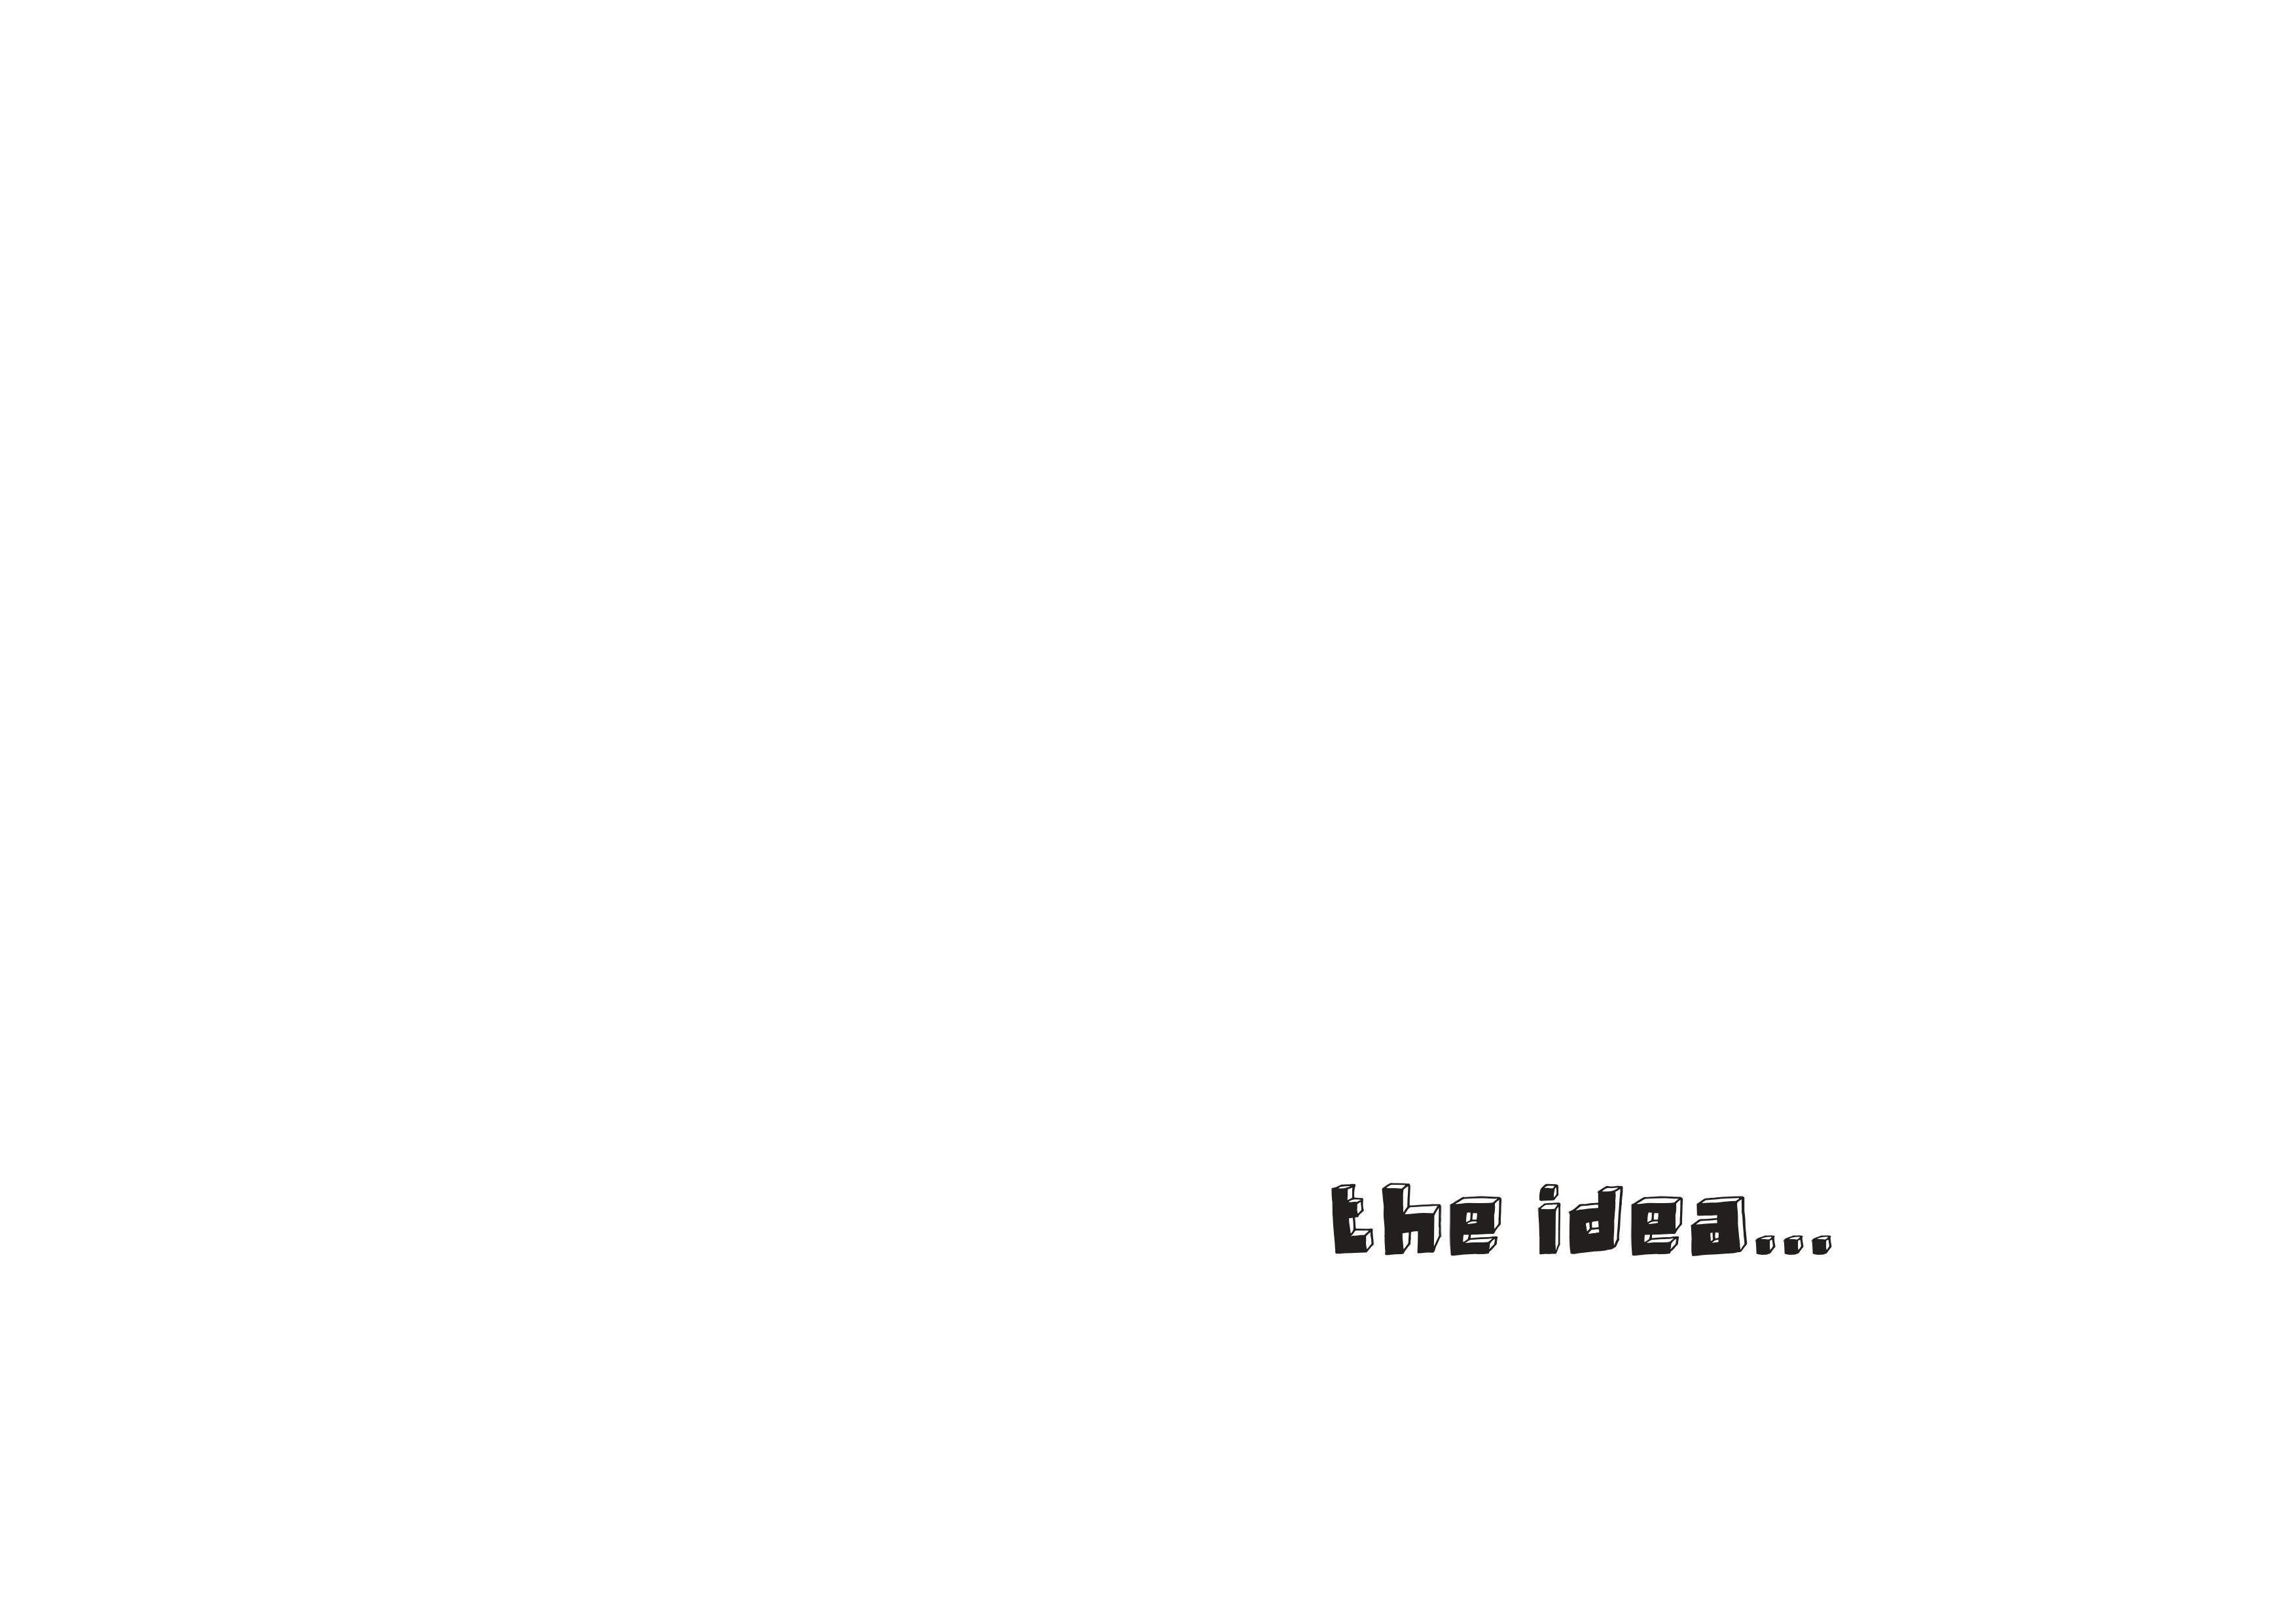 image-0008